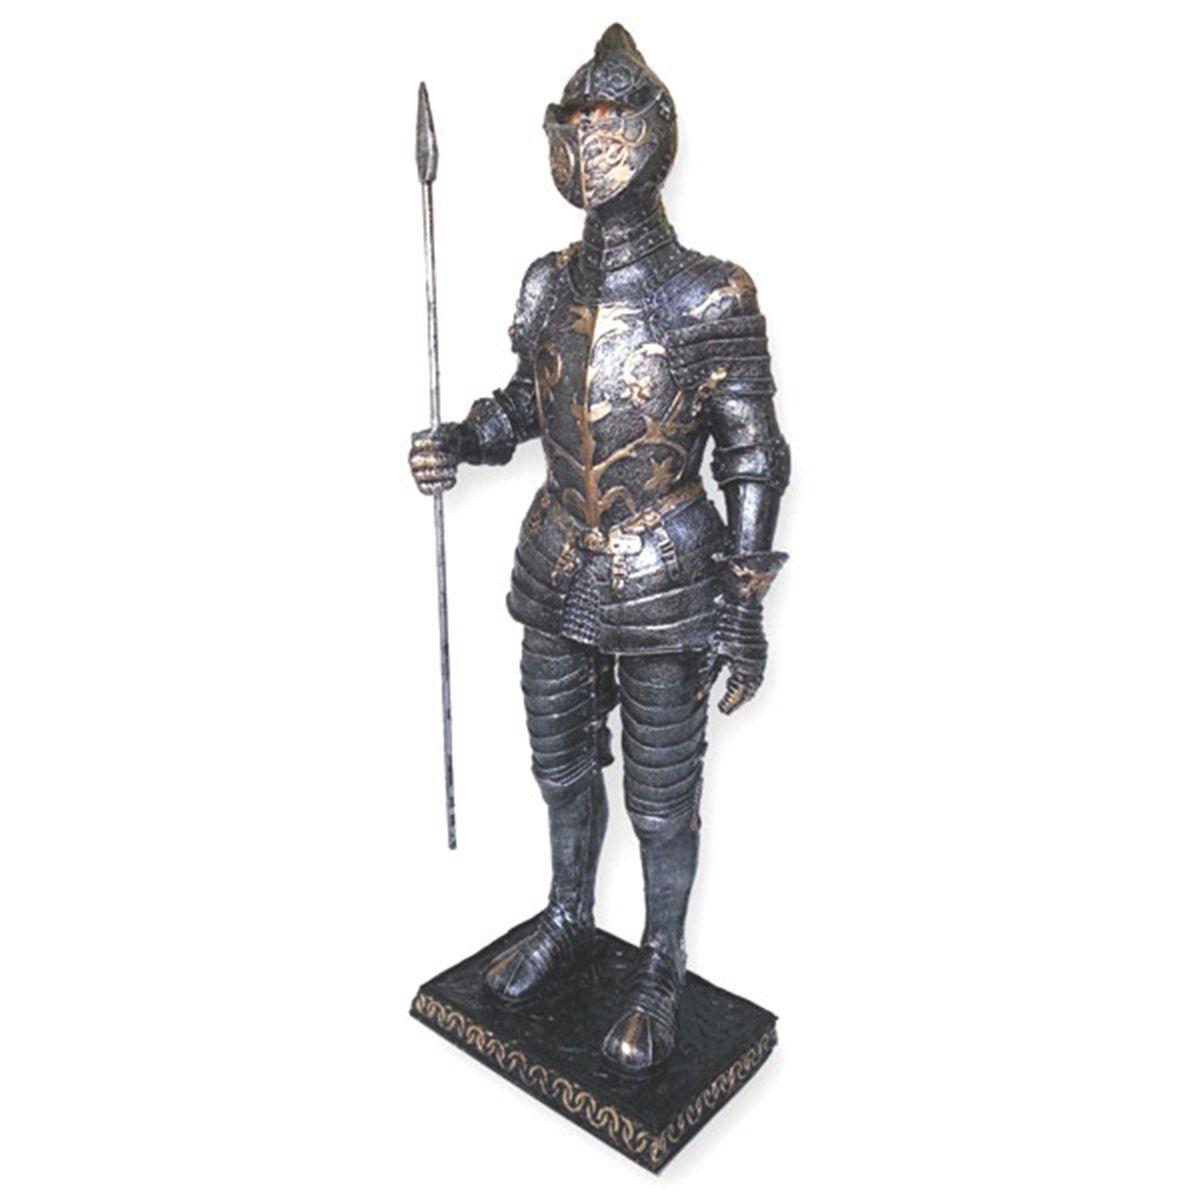 Estatua Guerreiro Medieval Silver e Gold c/ Lança 40cm